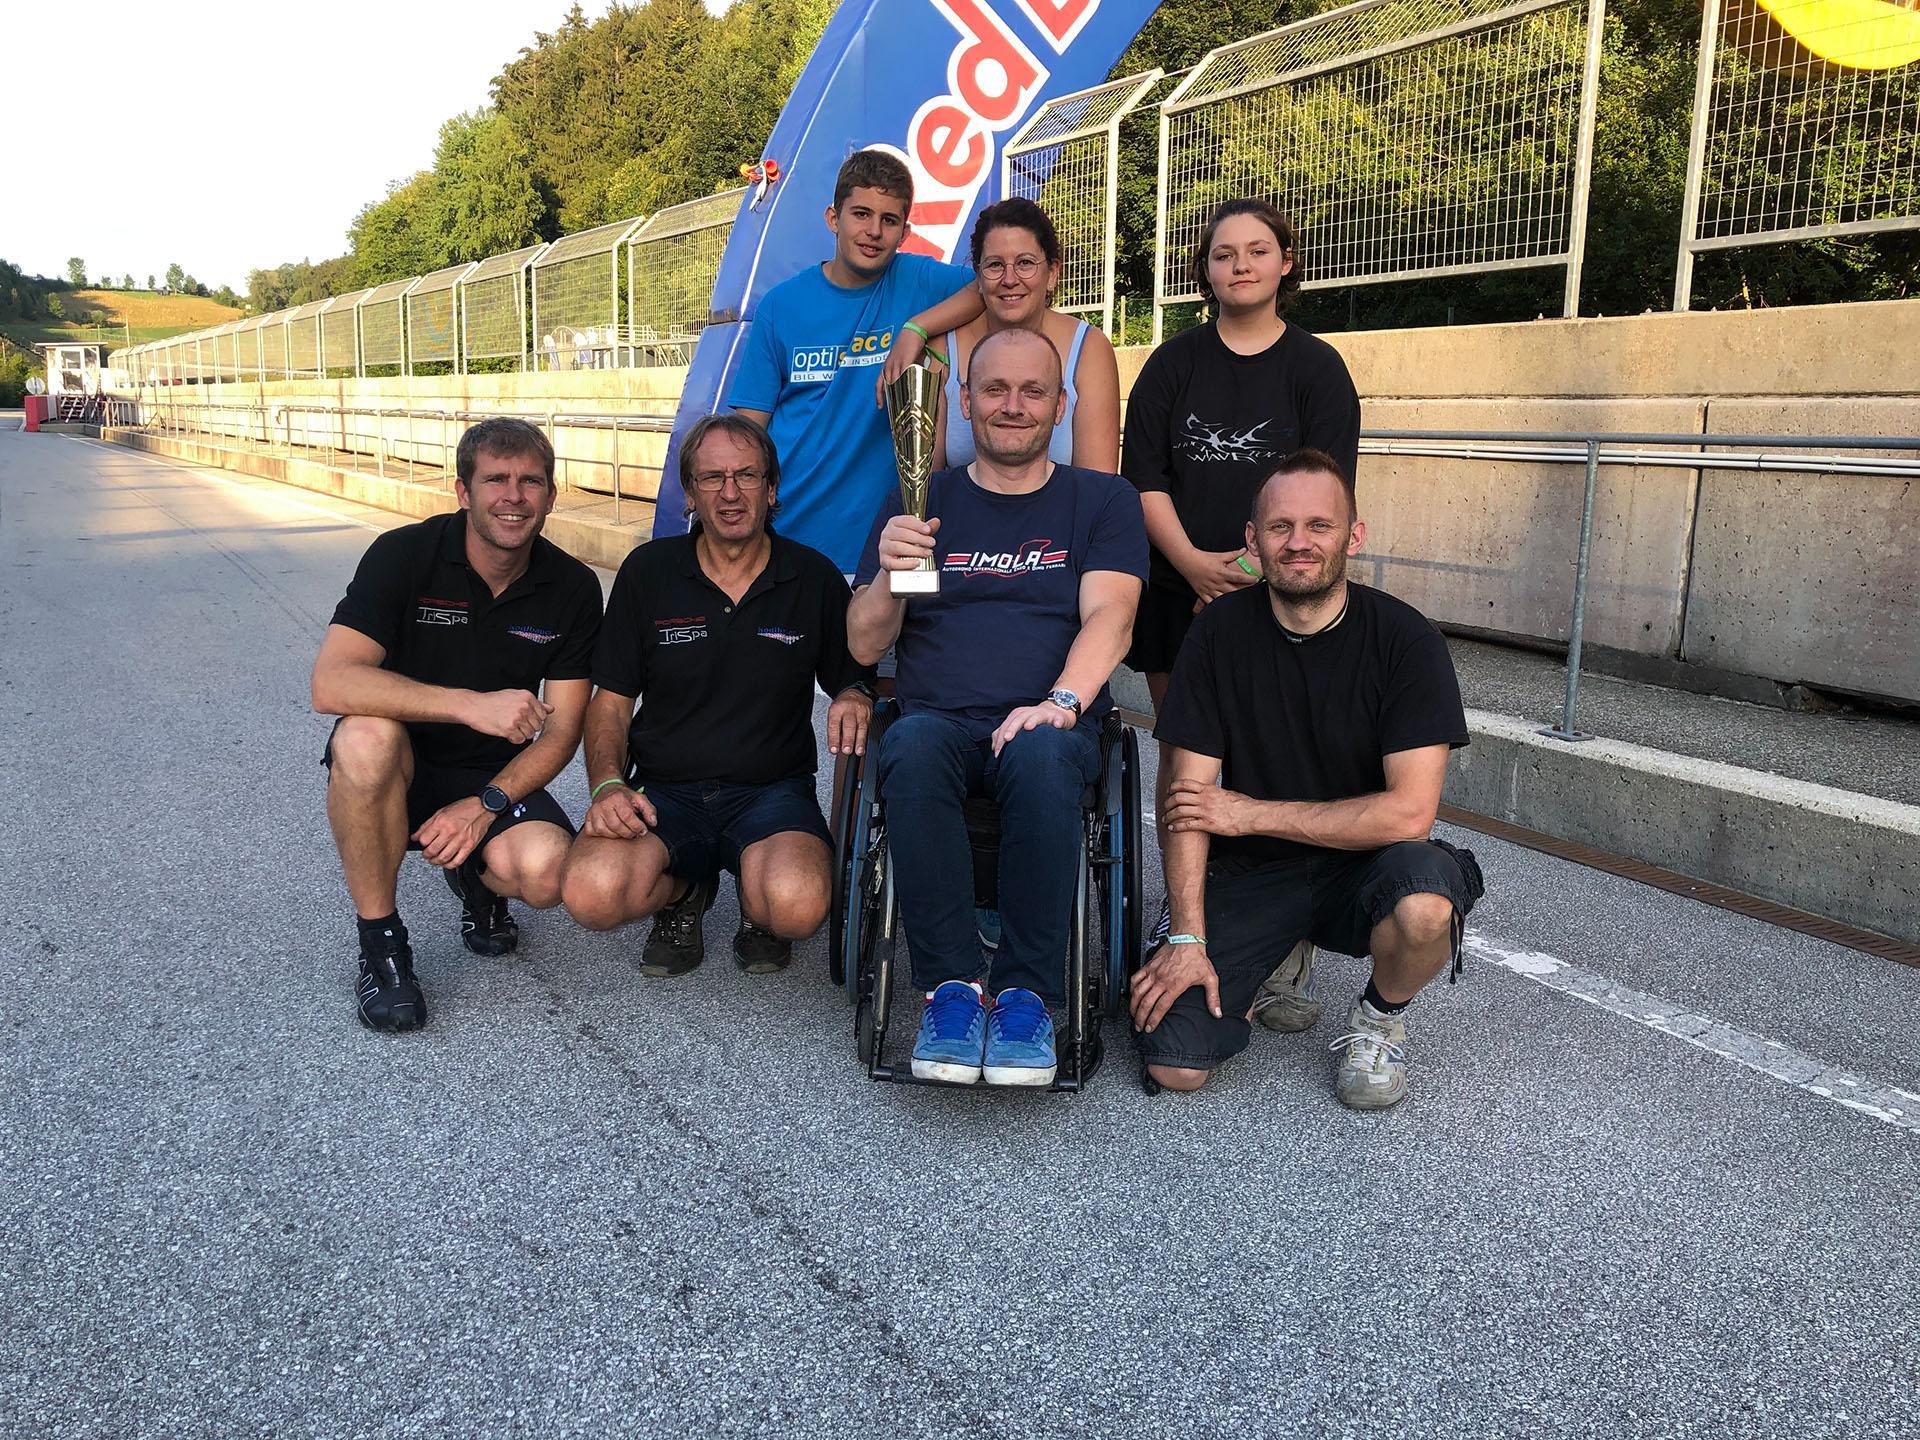 Foto 25.07.20 19 28 53 - 24.-26. Juli 2020 – Touringcarmasters / Histocup – Salzburgring / AT